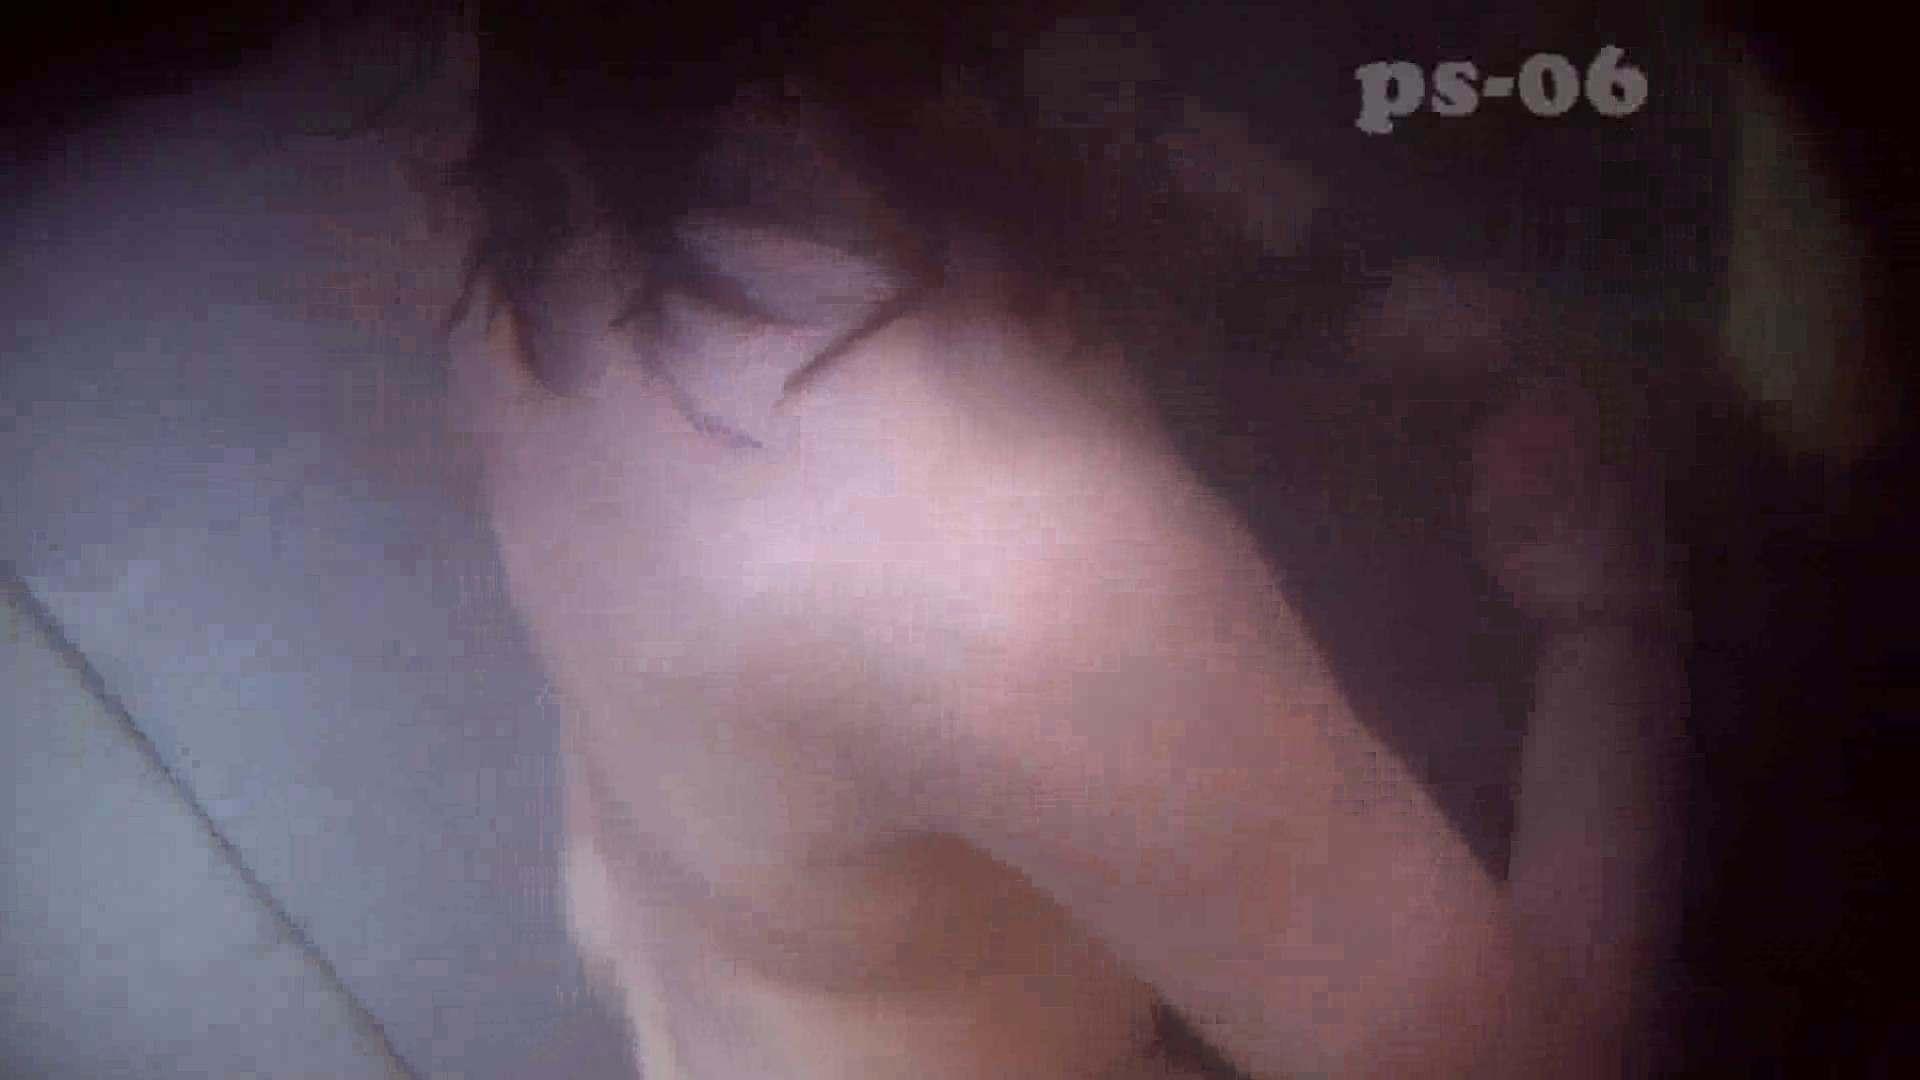 シャワールームは危険な香りVol.6(ハイビジョンサンプル版) 名人  64画像 50